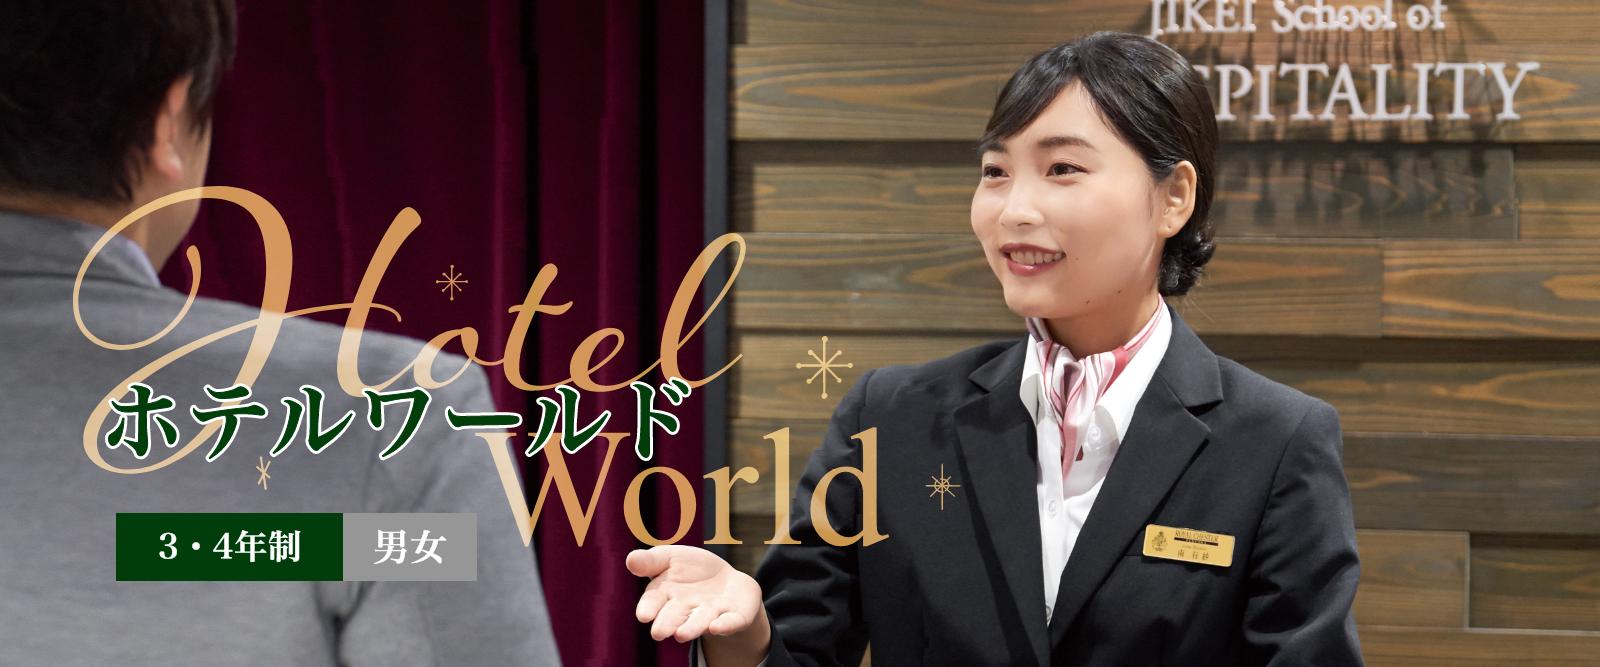 ホテルワールド 3・4年制 男女